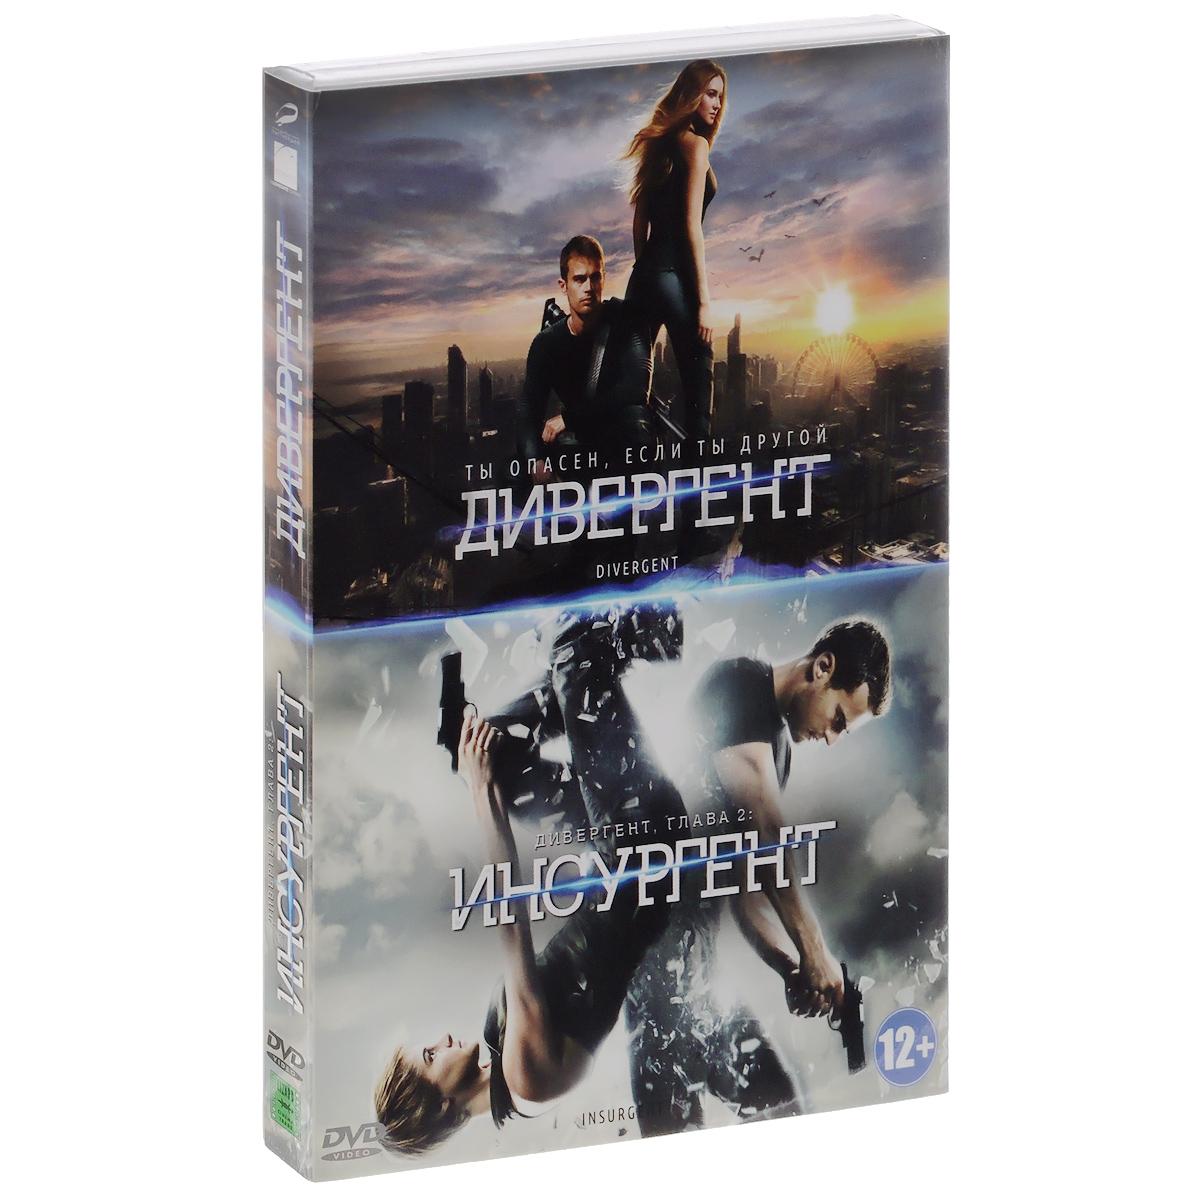 Дивергент / Дивергент: Глава 2: Инсургент (2 DVD) дивергент региональное издание